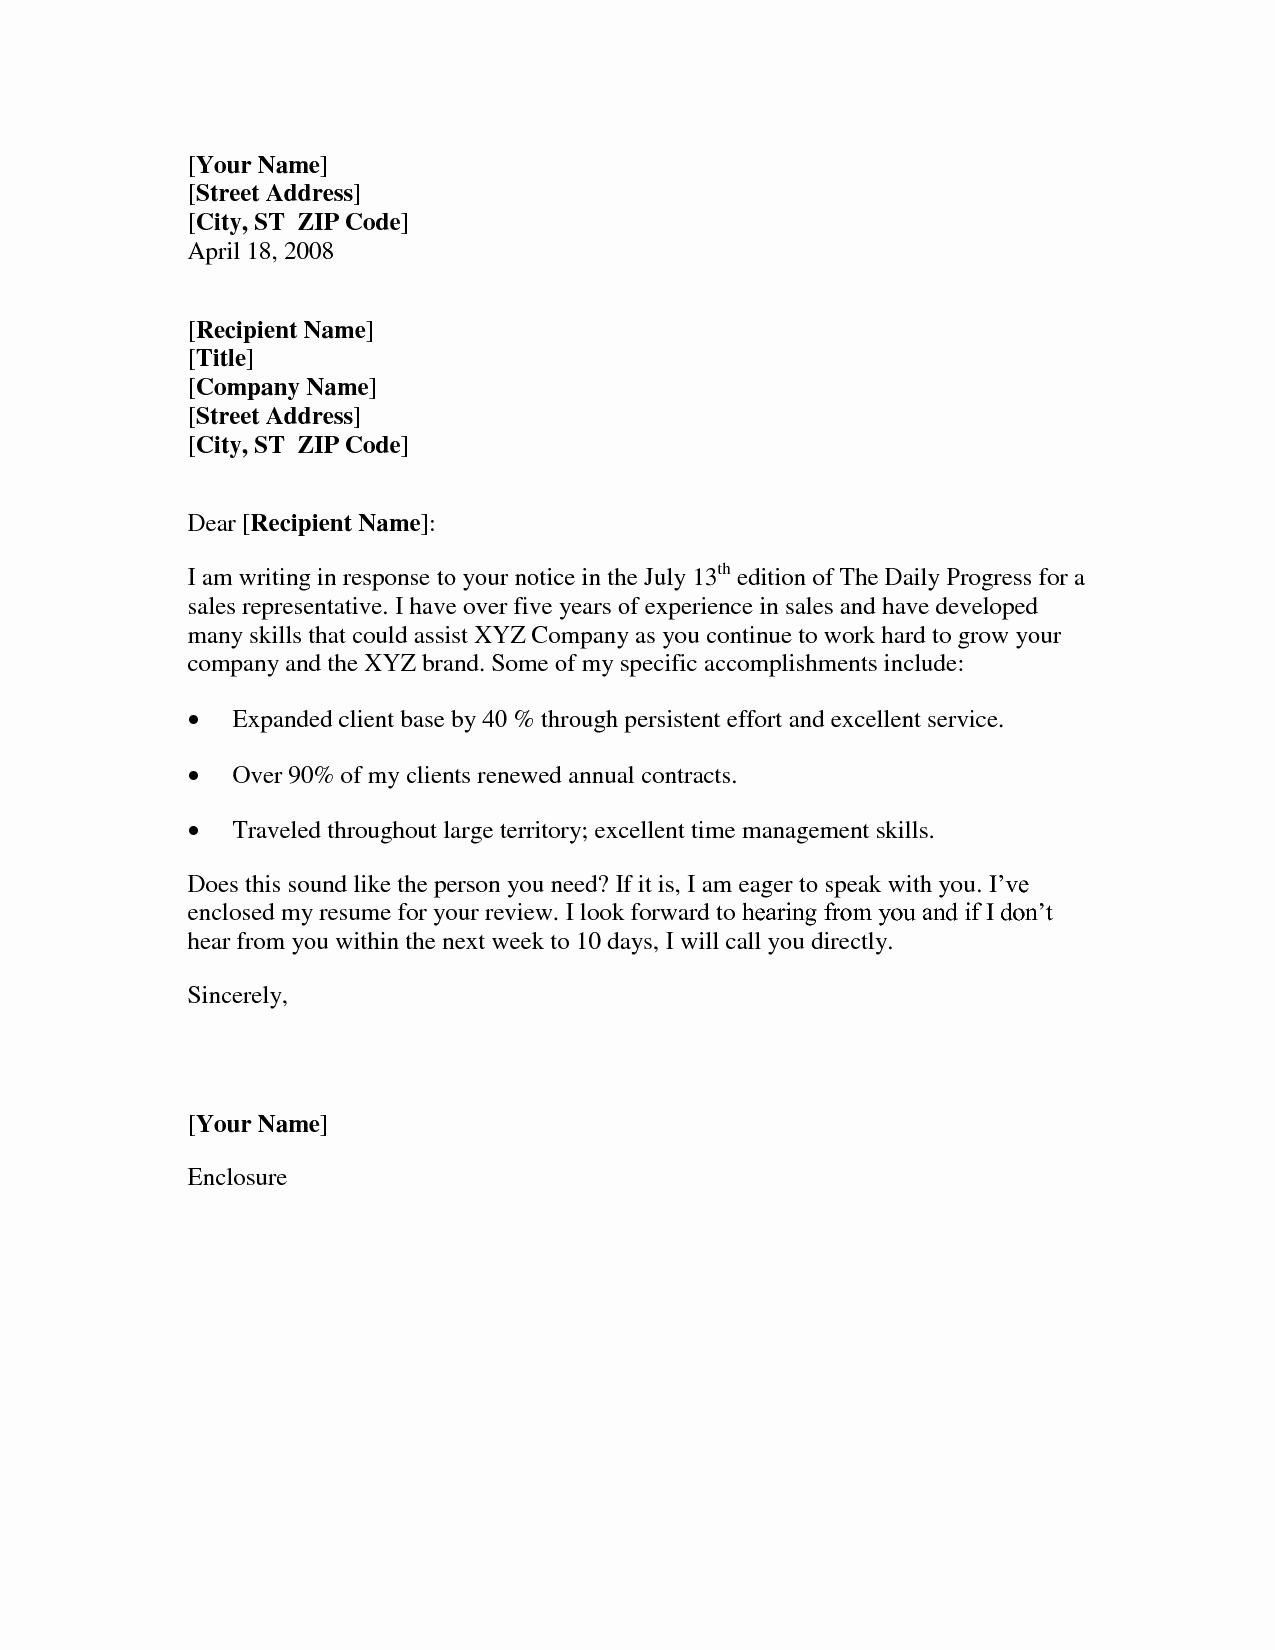 10 Best Of Basic Cover Letter for Resume Sample